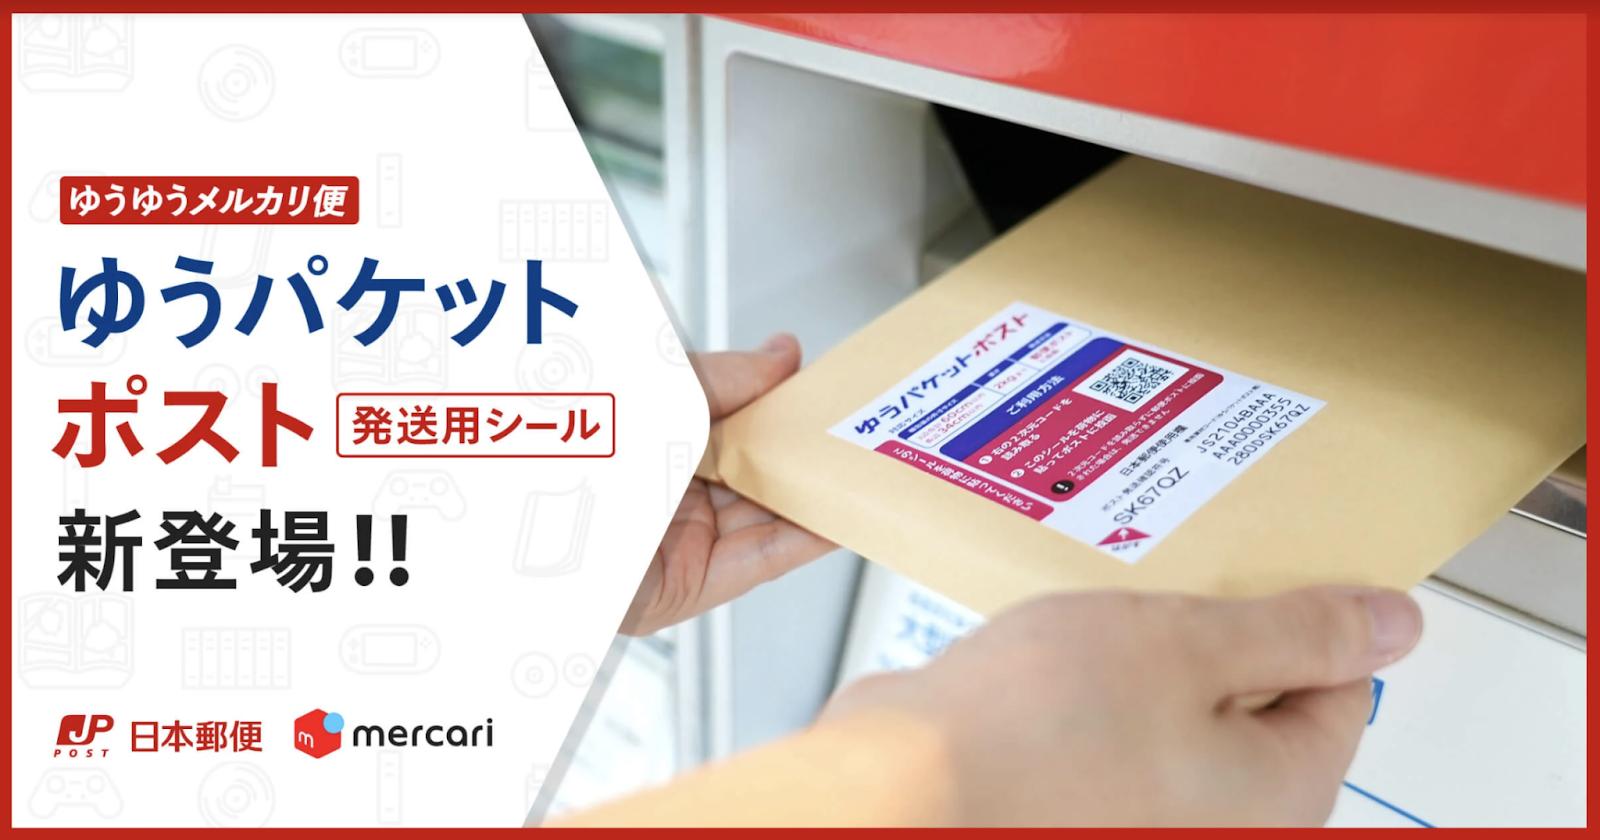 【ポストにポン!】ゆうパケットポストから発送用シールが登場、手持ちの梱包資材で発送可能に!!